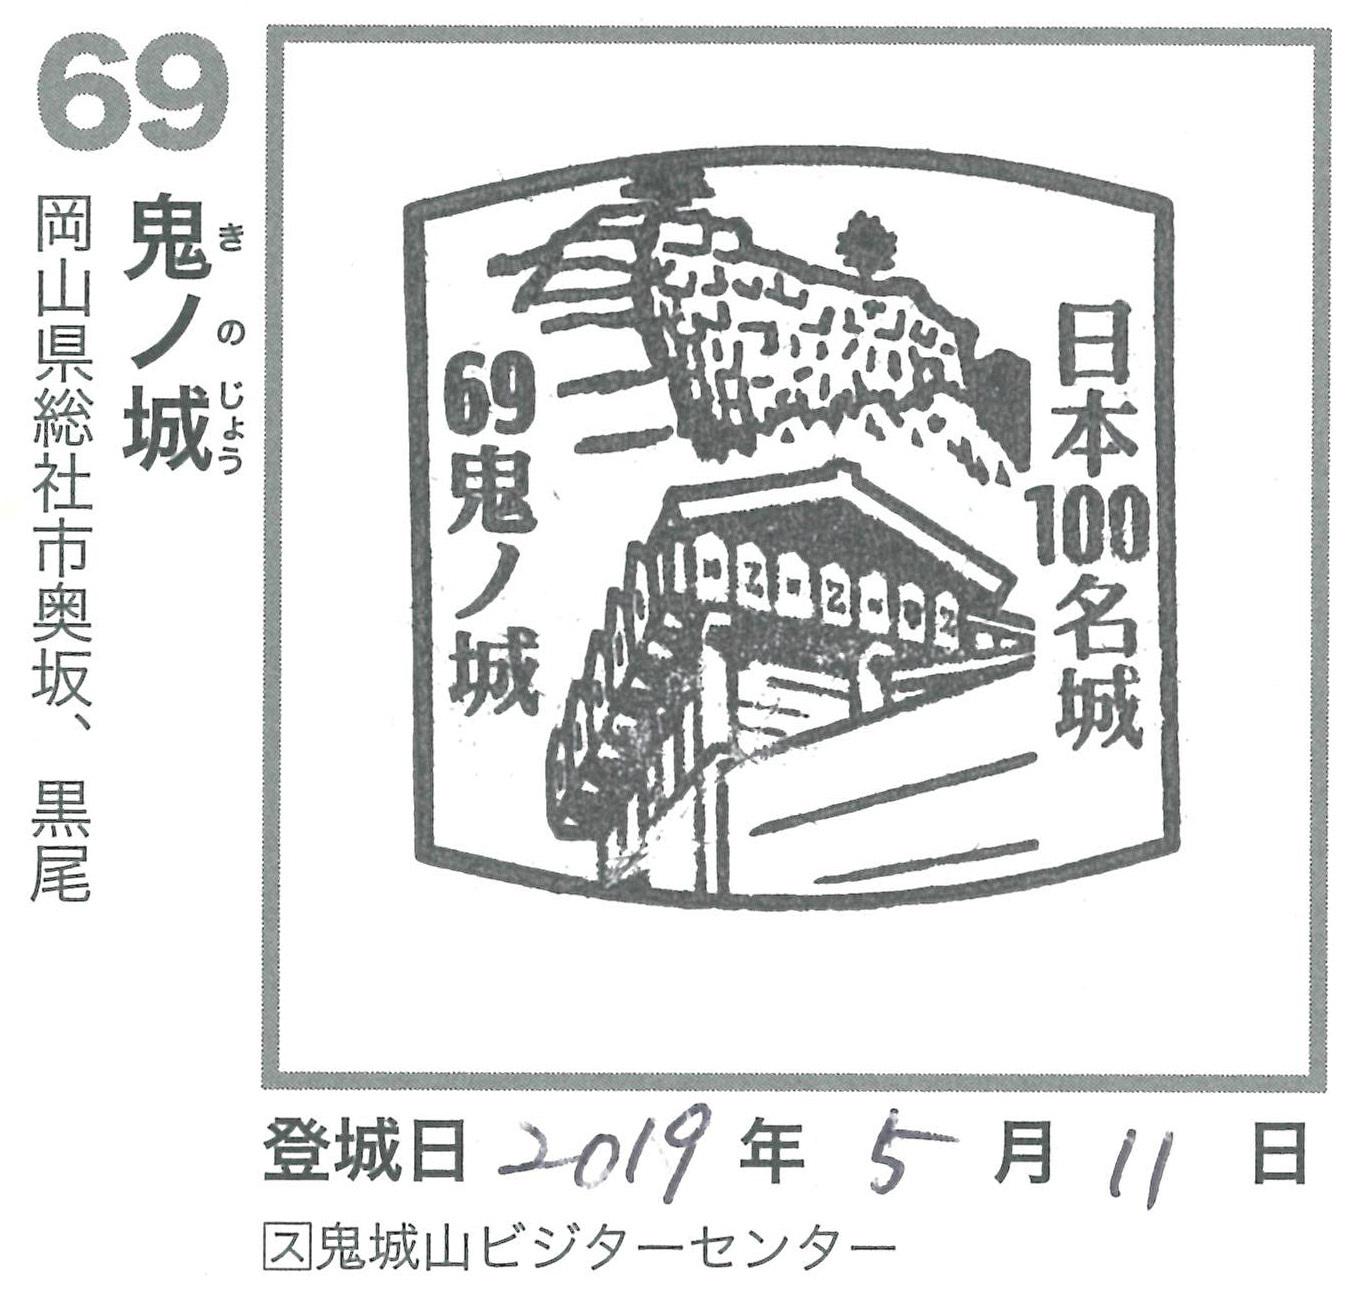 桃太郎伝説の地、鬼ノ城跡を歩く。 その8 <礎石建物群・狼煙場・角楼跡>_e0158128_18272137.jpg